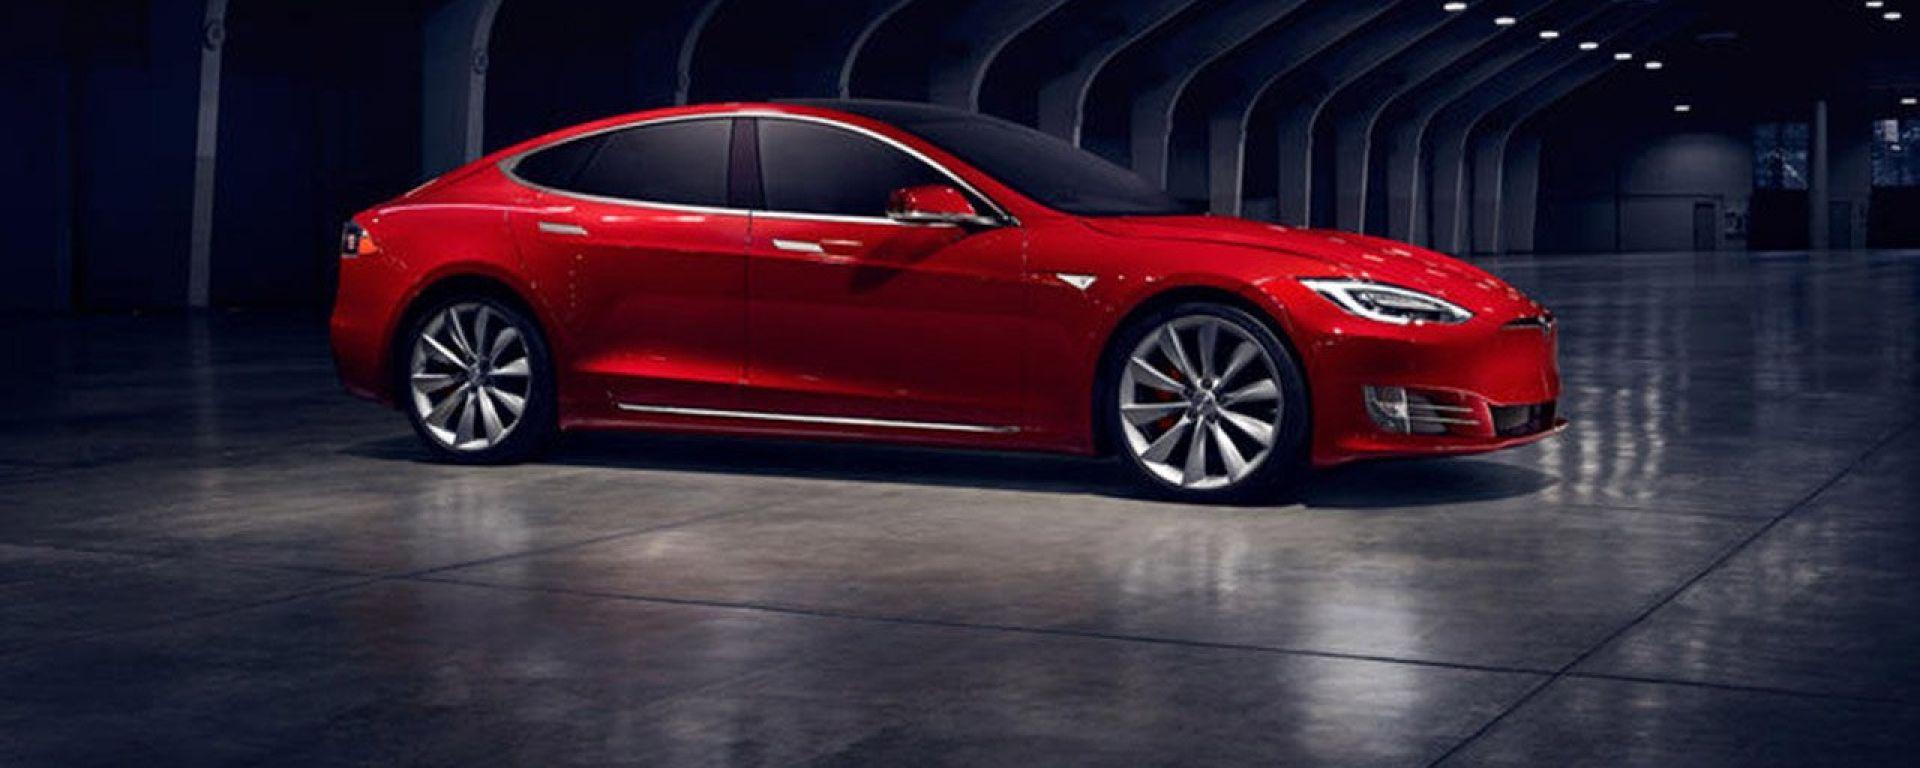 """Musk, Tesla: """"Auto col volante? In 20 anni saranno rarissime"""""""